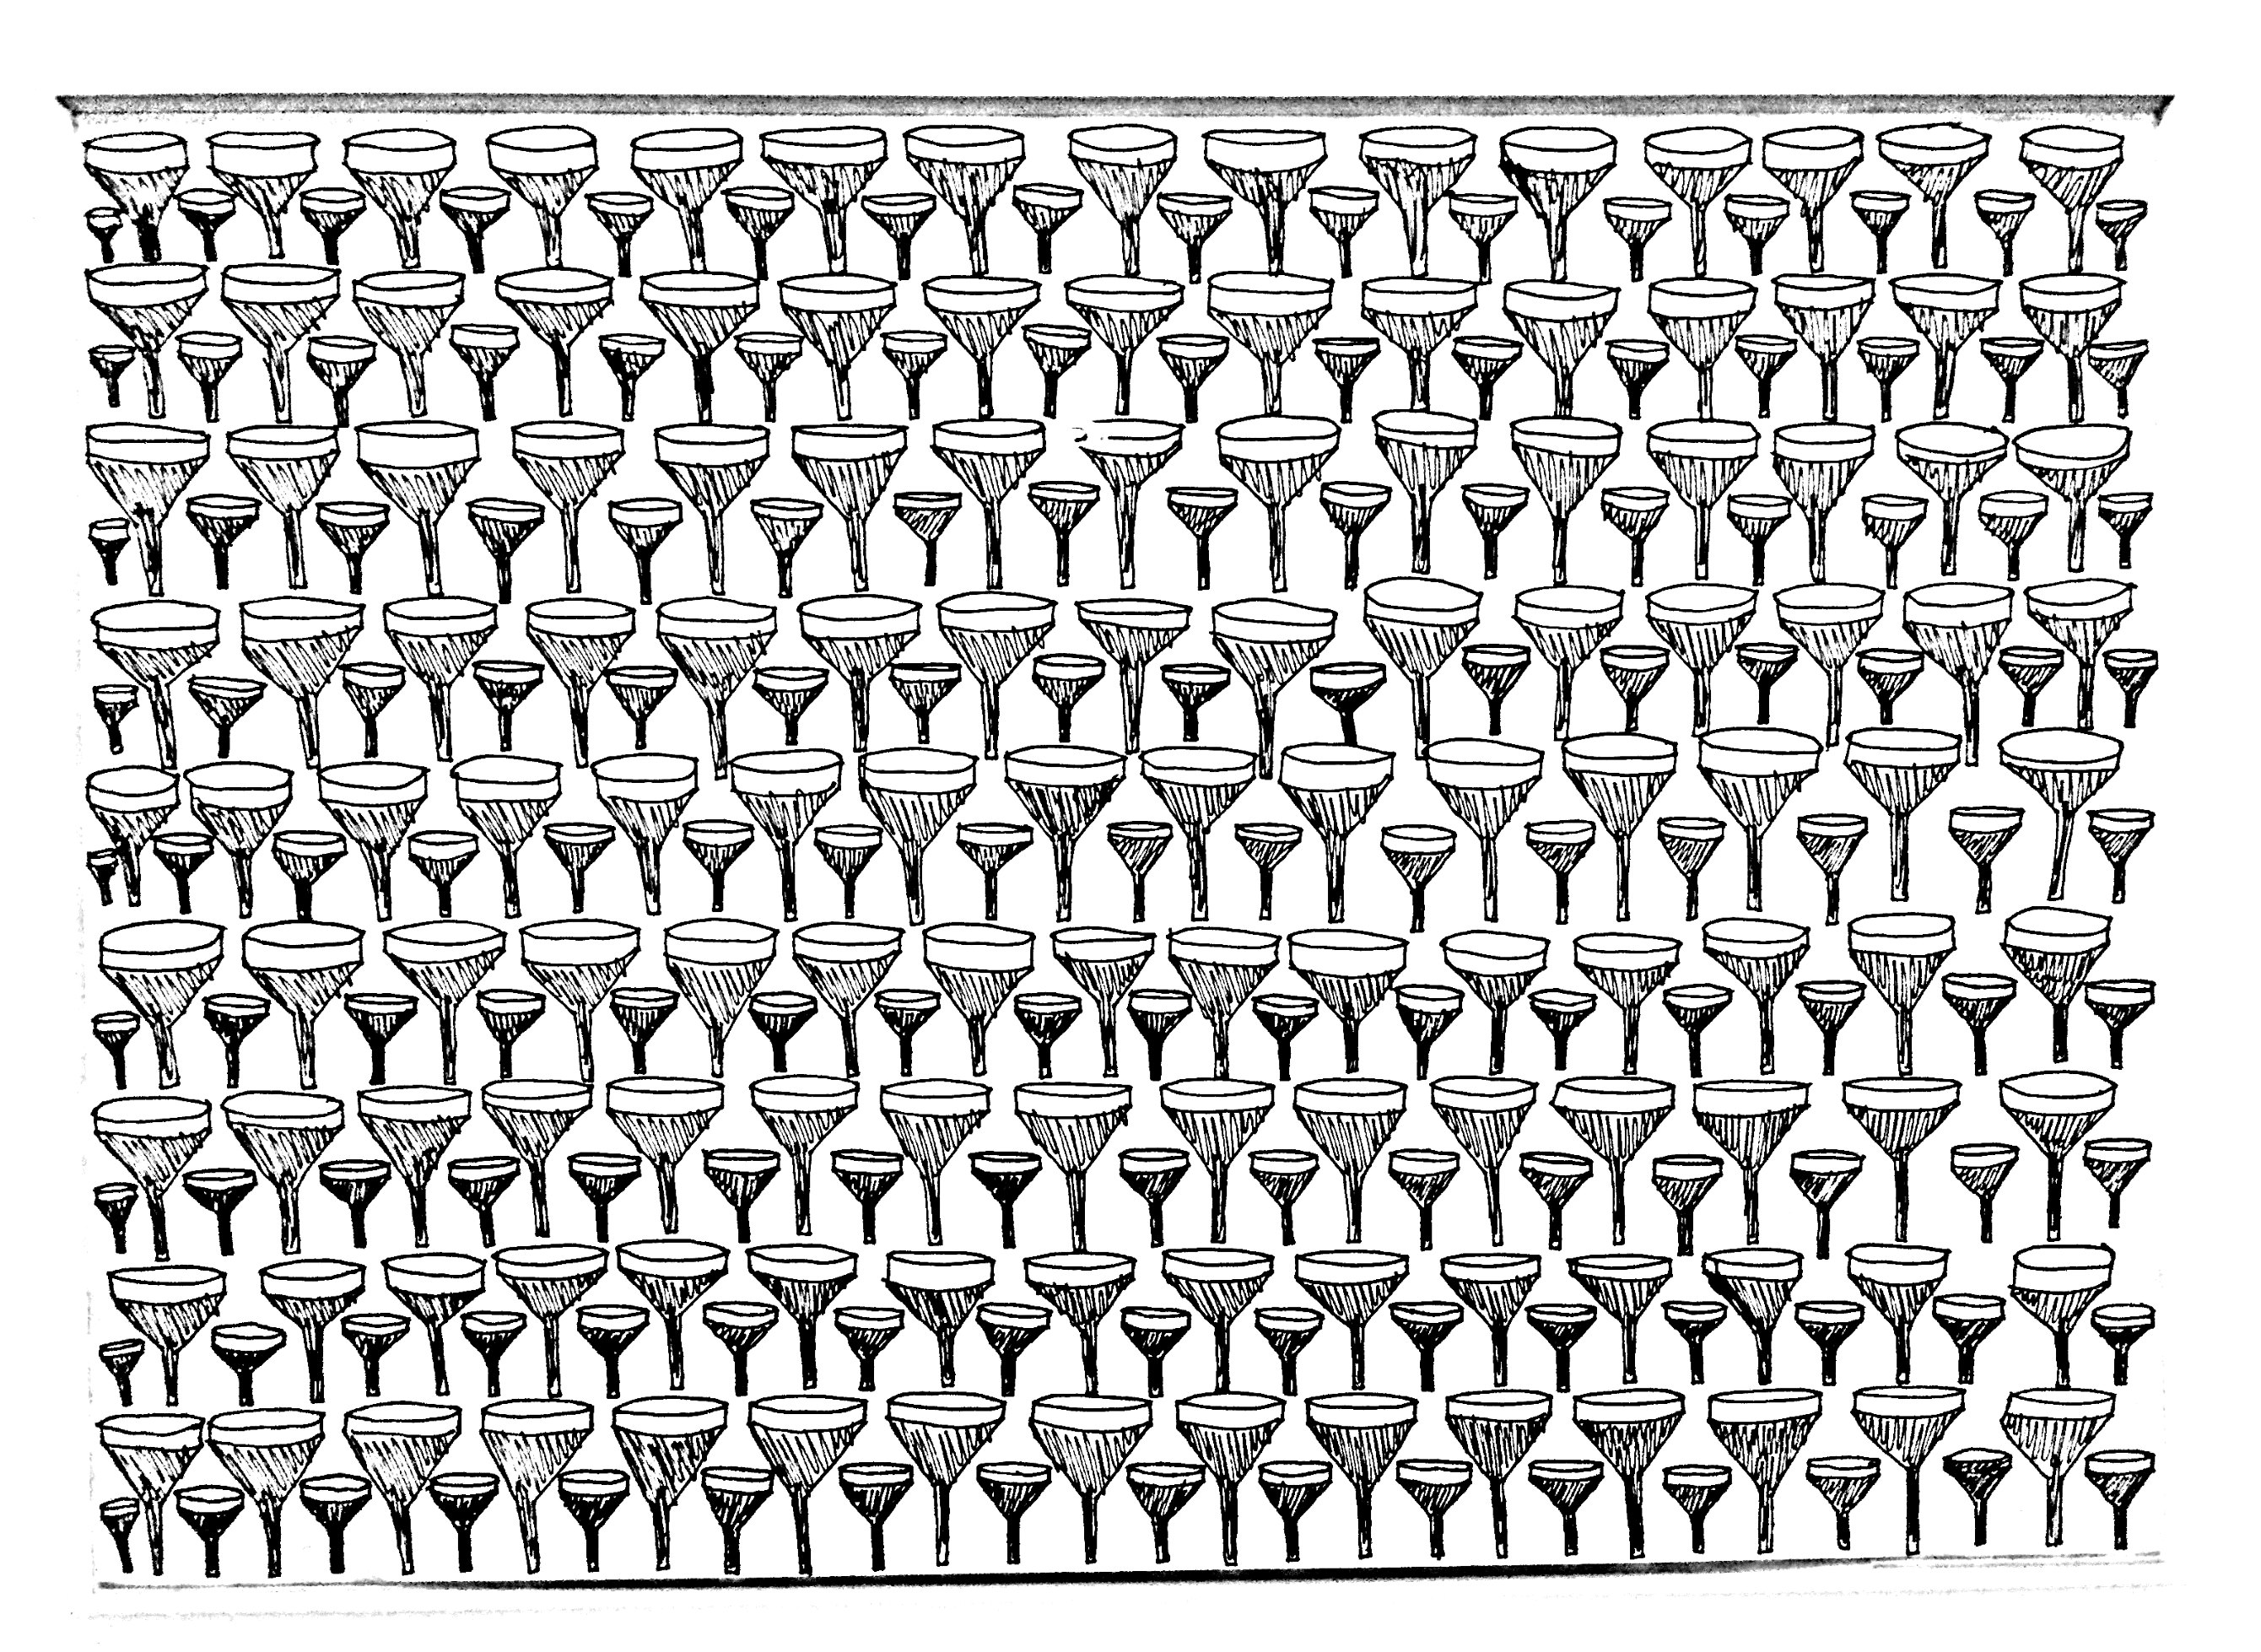 Ouvre de Marco Raugei à imprimer et colorierA partir de la galerie : Art Brut